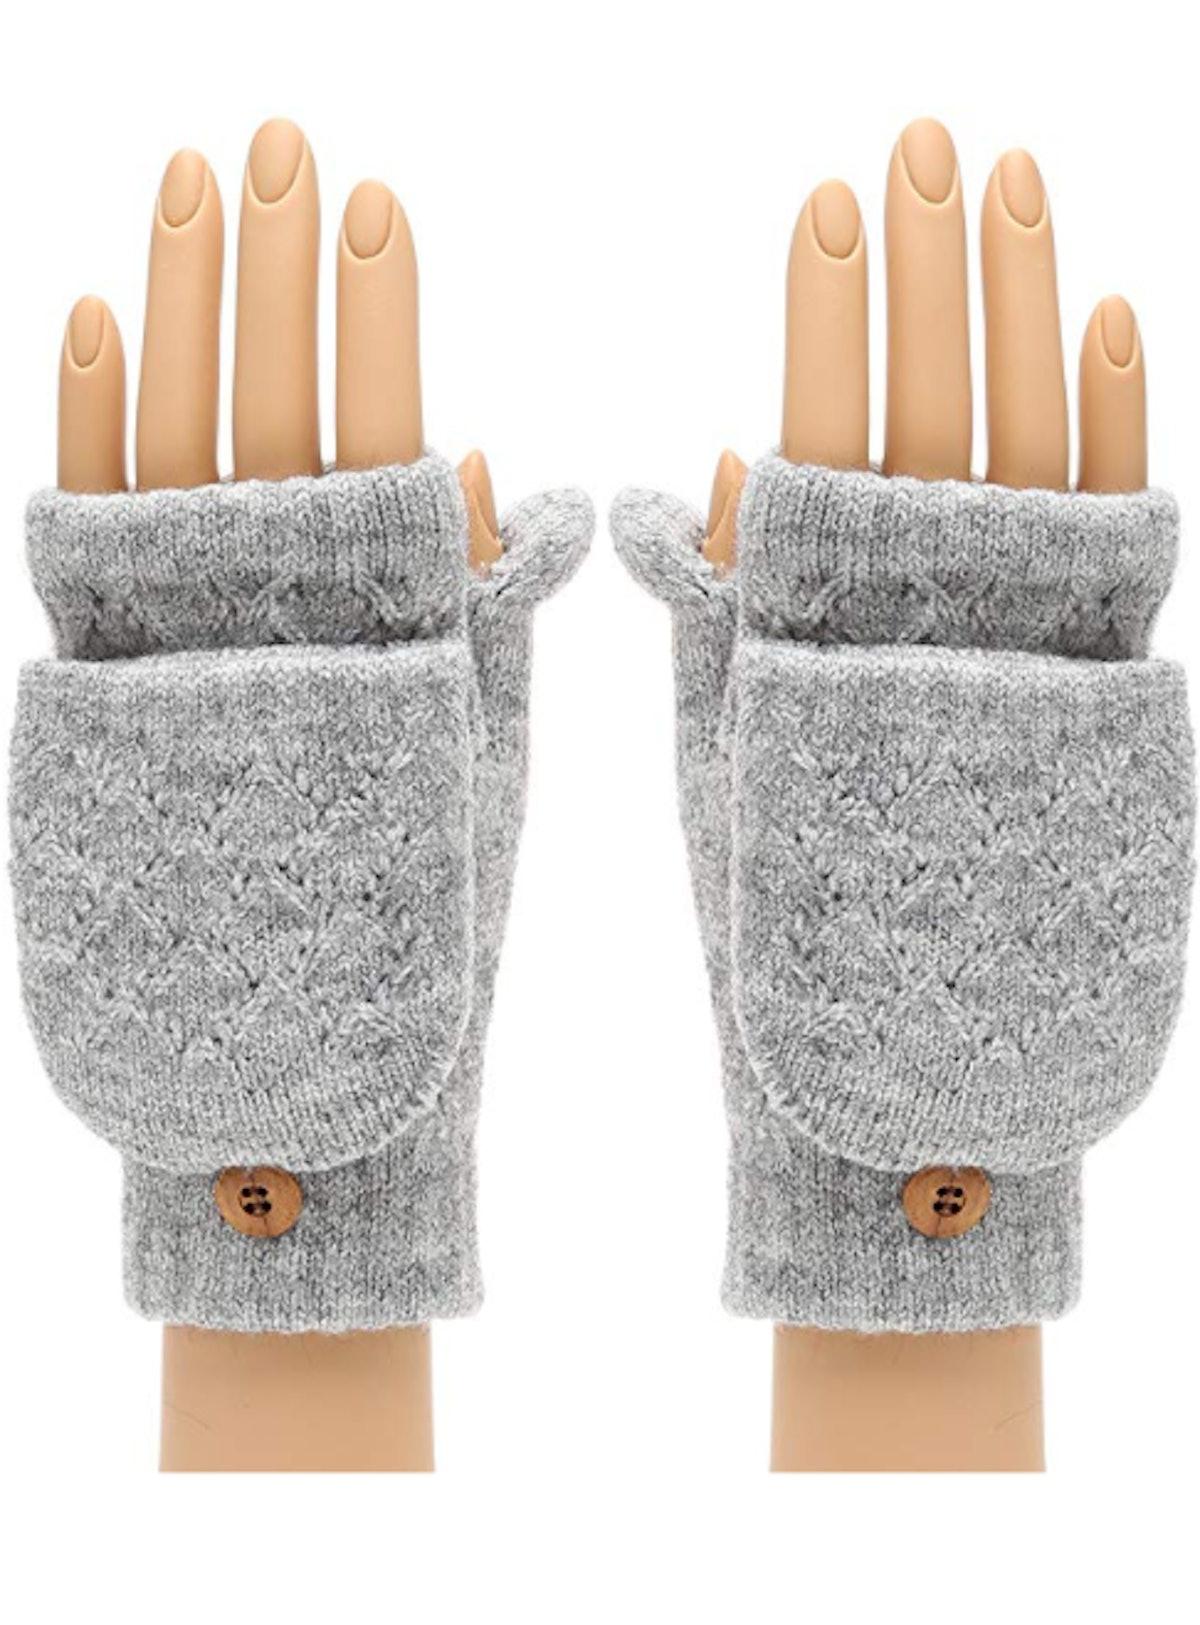 MIRMARU Women's Knitted Fingerless Flip Gloves